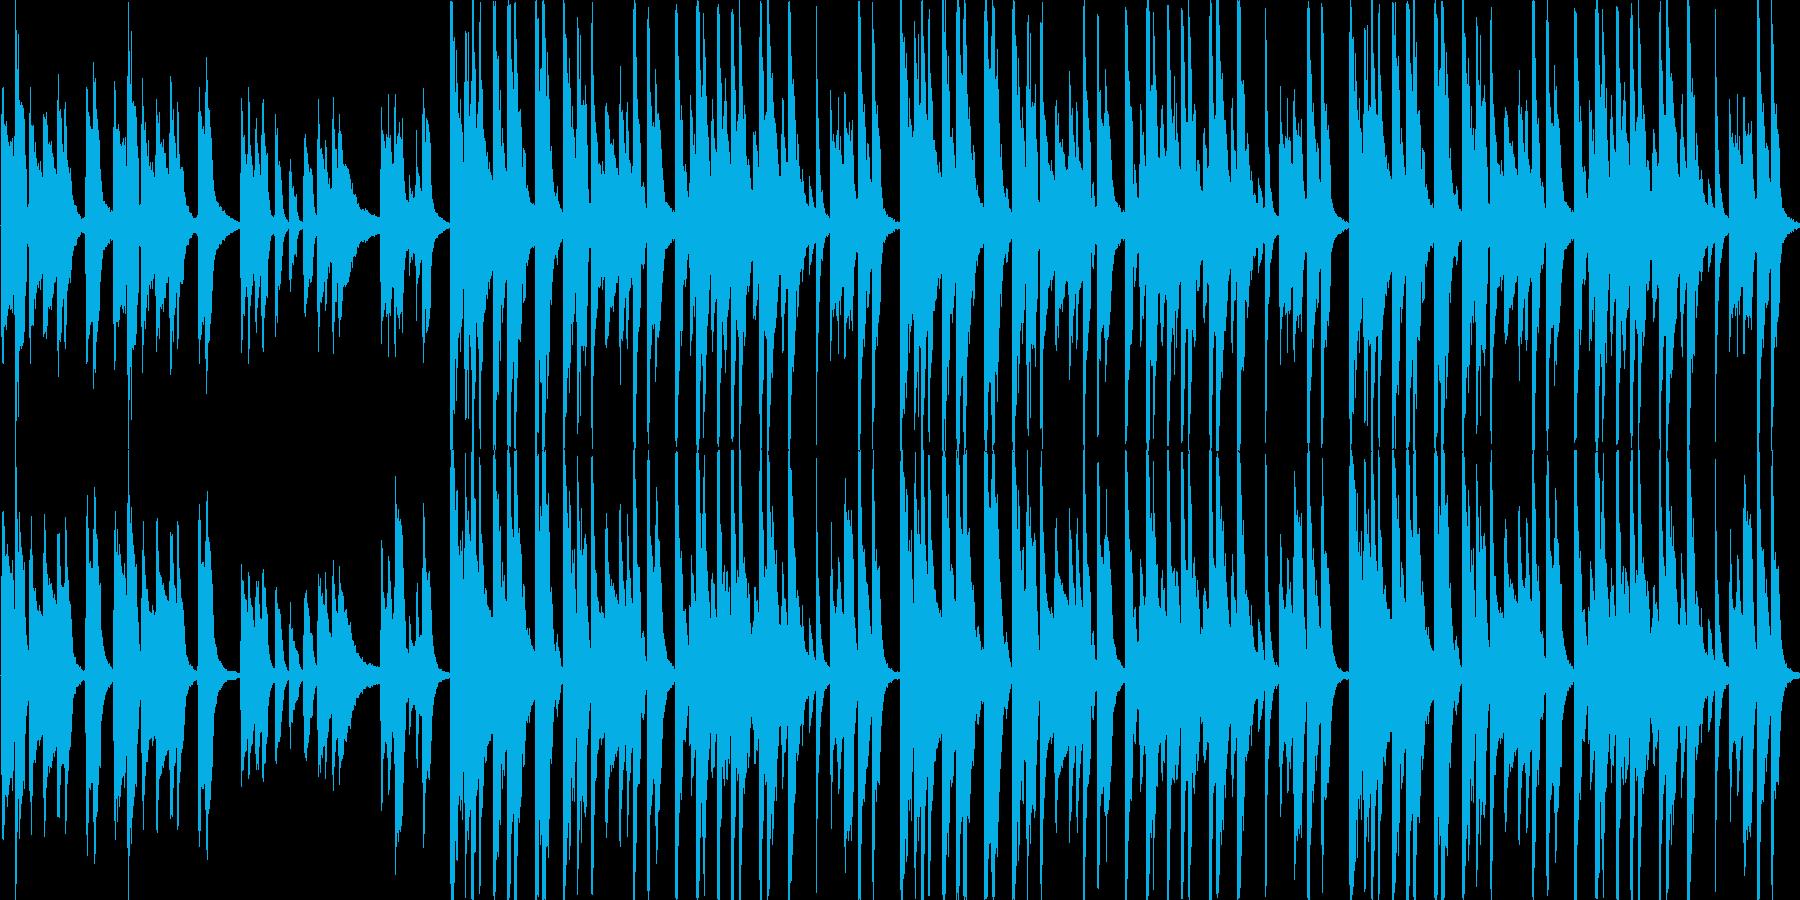 【日常/ドラマ/軽快なポップス】の再生済みの波形